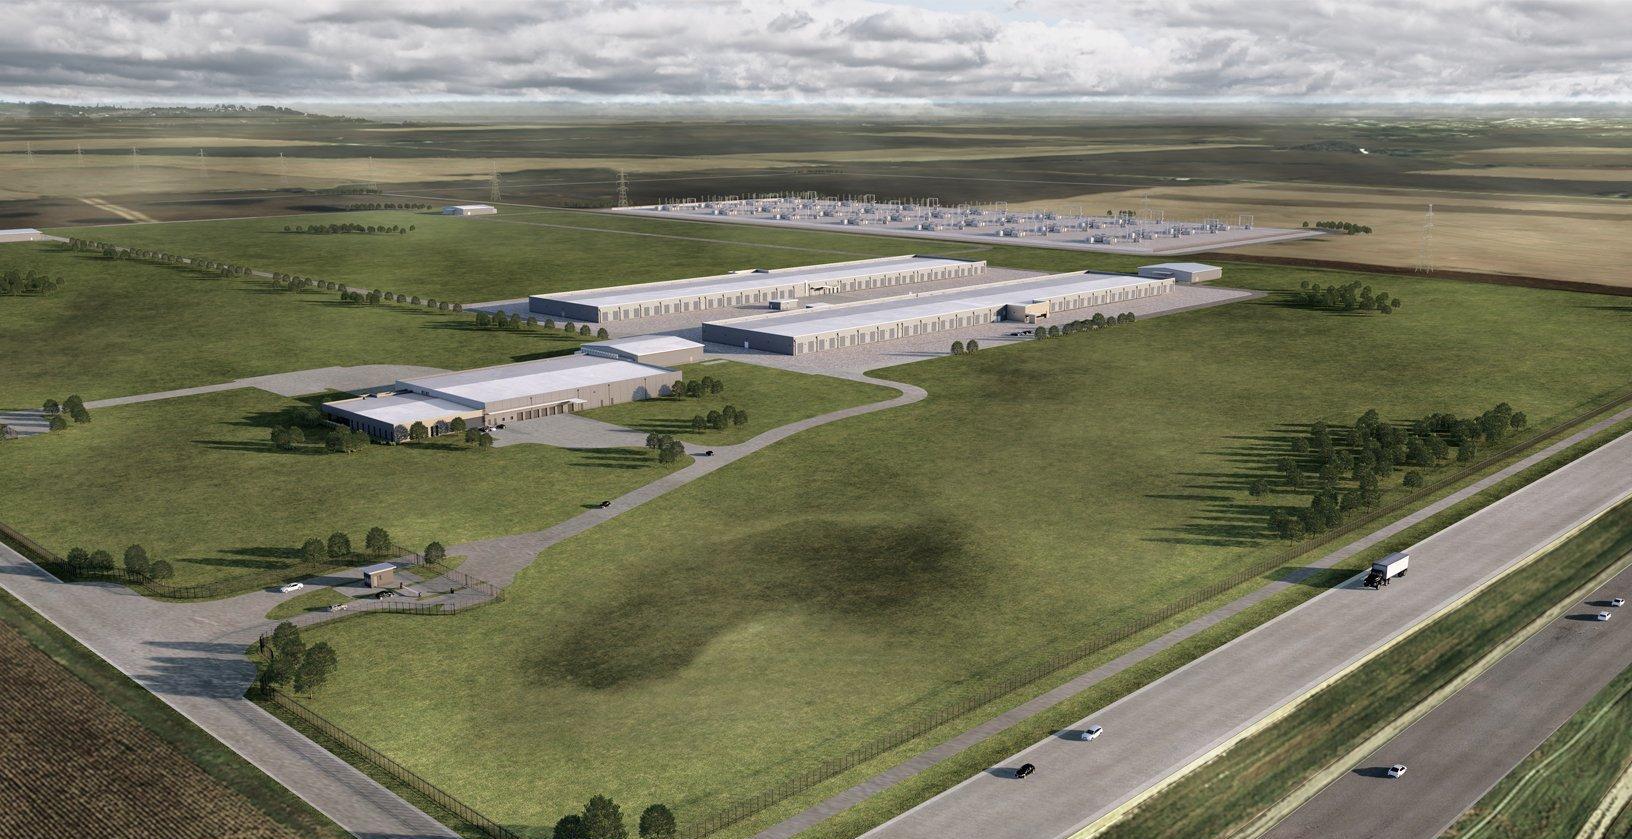 苹果艾奥瓦州数据中心计划将延期五年竣工